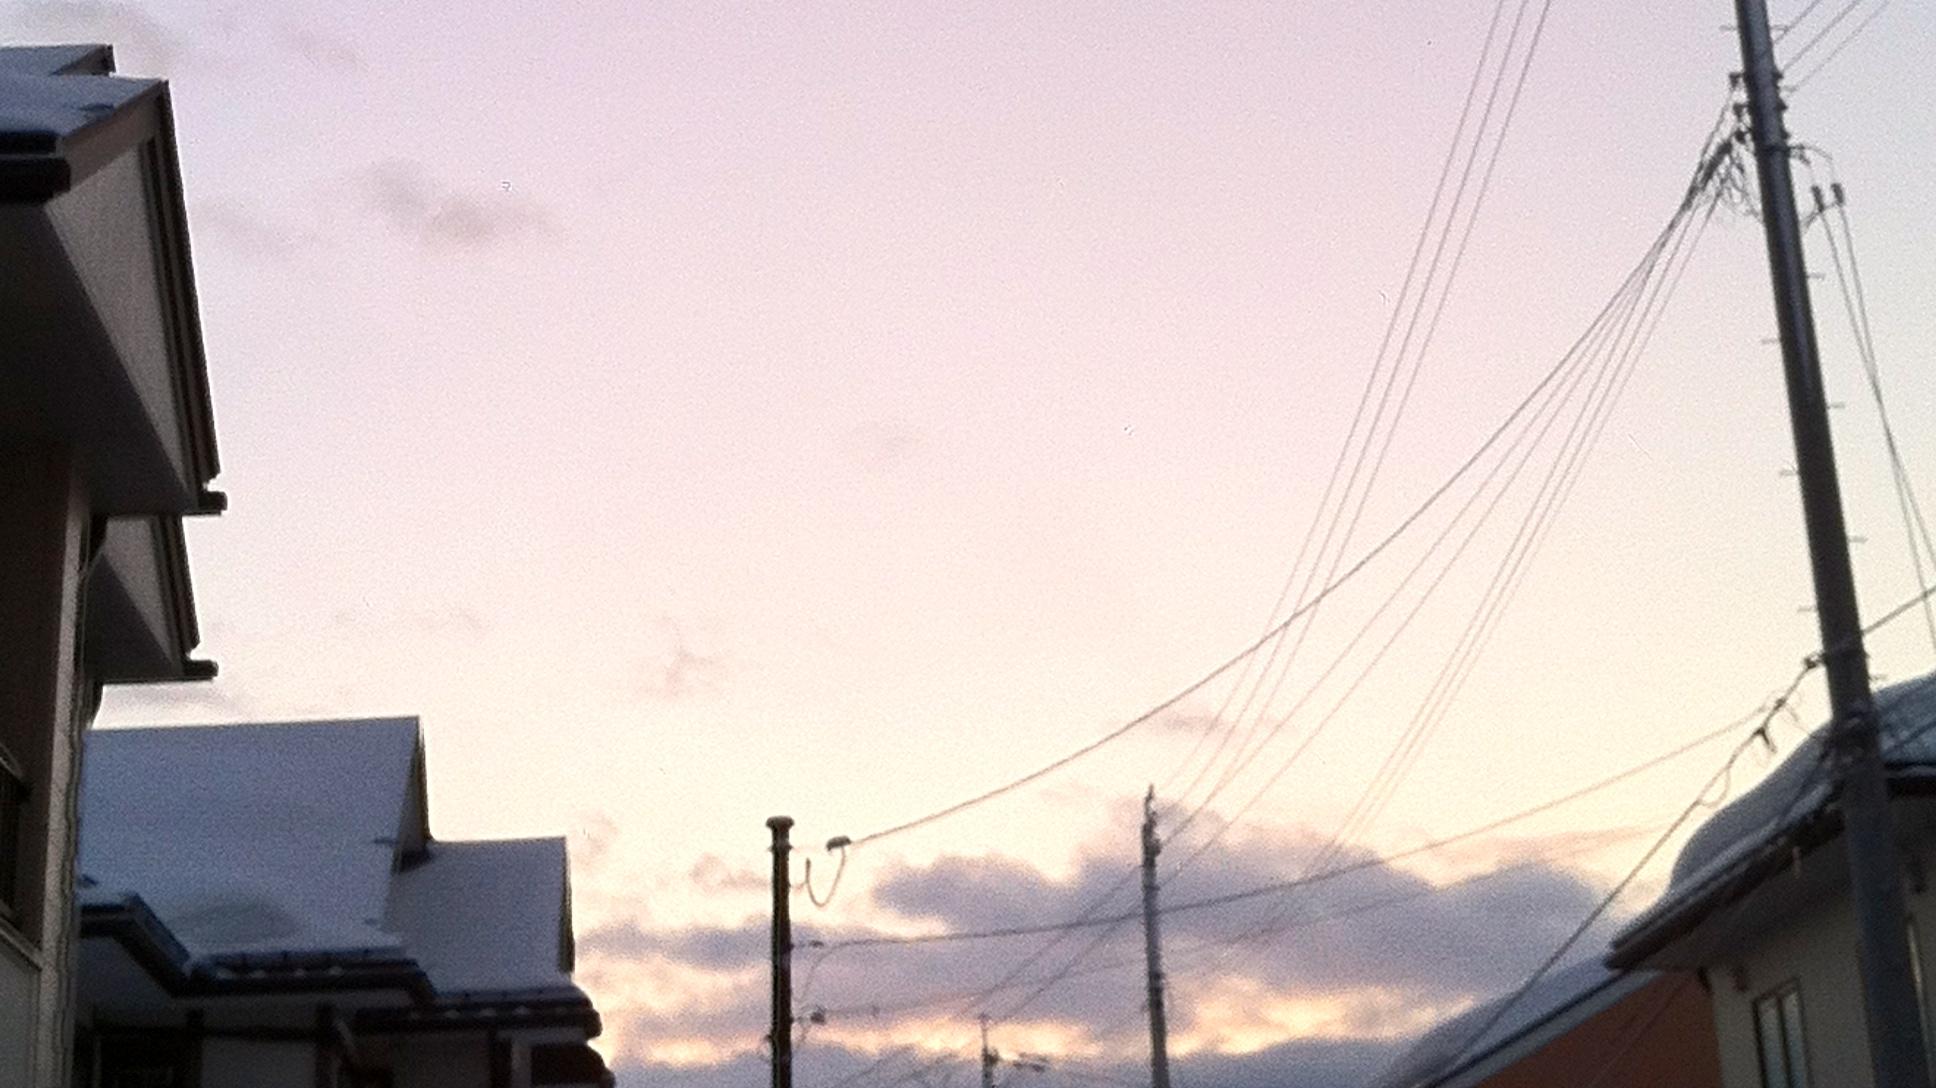 一陽来復を願う